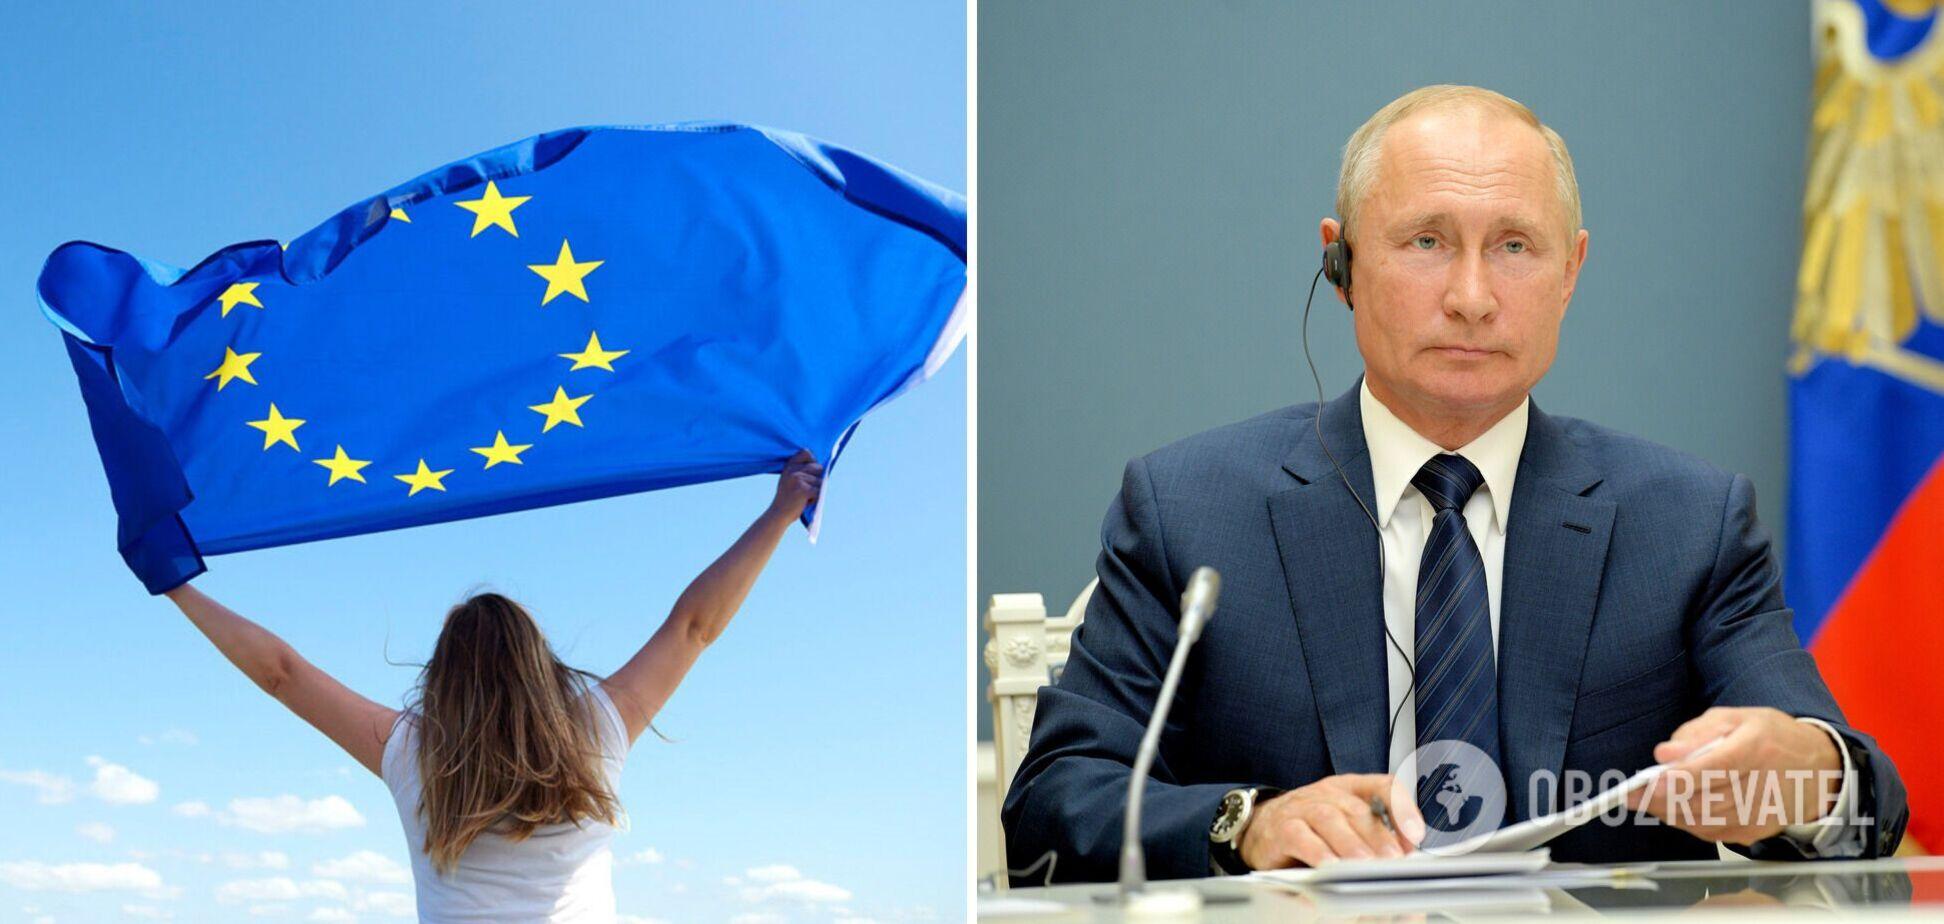 Холодна війна. Україні пощастило опинитися по інший бік барикад